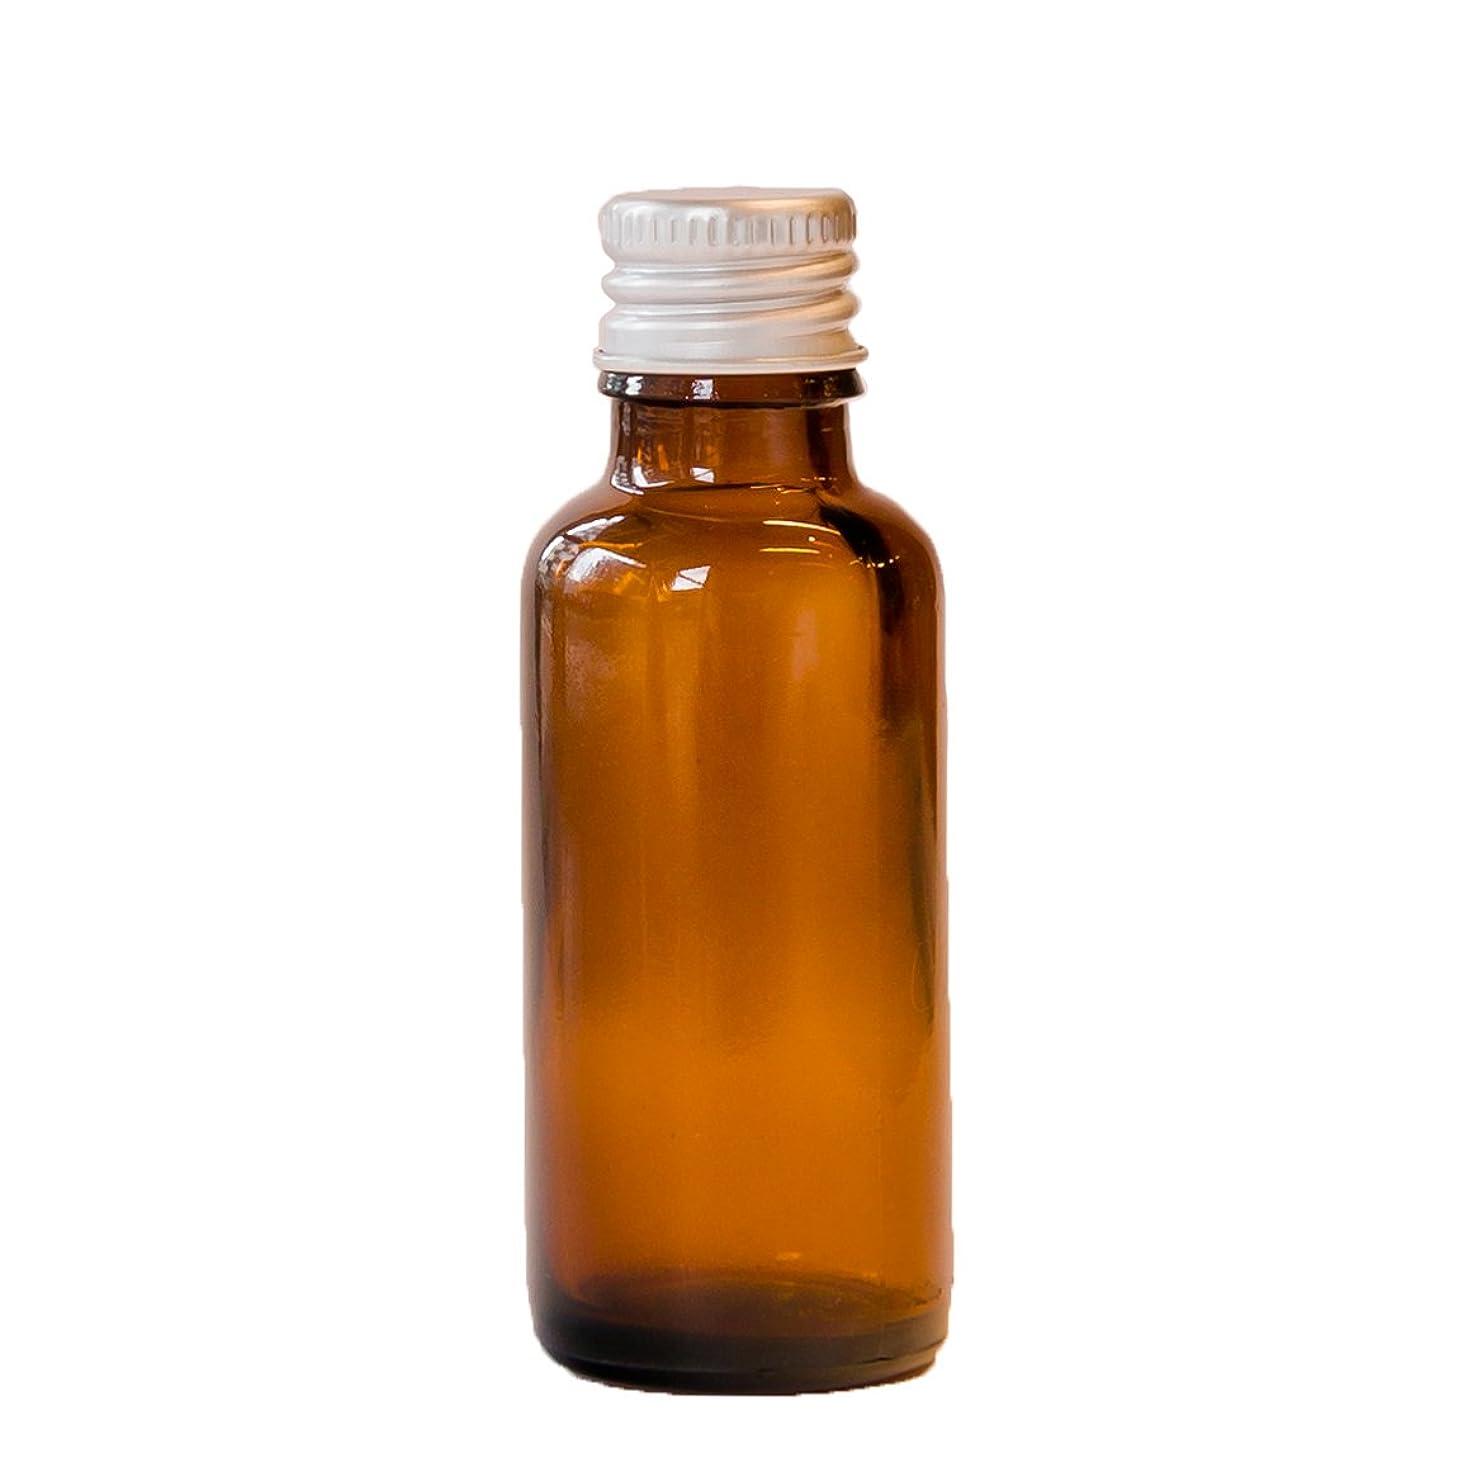 くるみ谷プロペラMoonLeaf 30ml シルバーキャップ付き遮光瓶